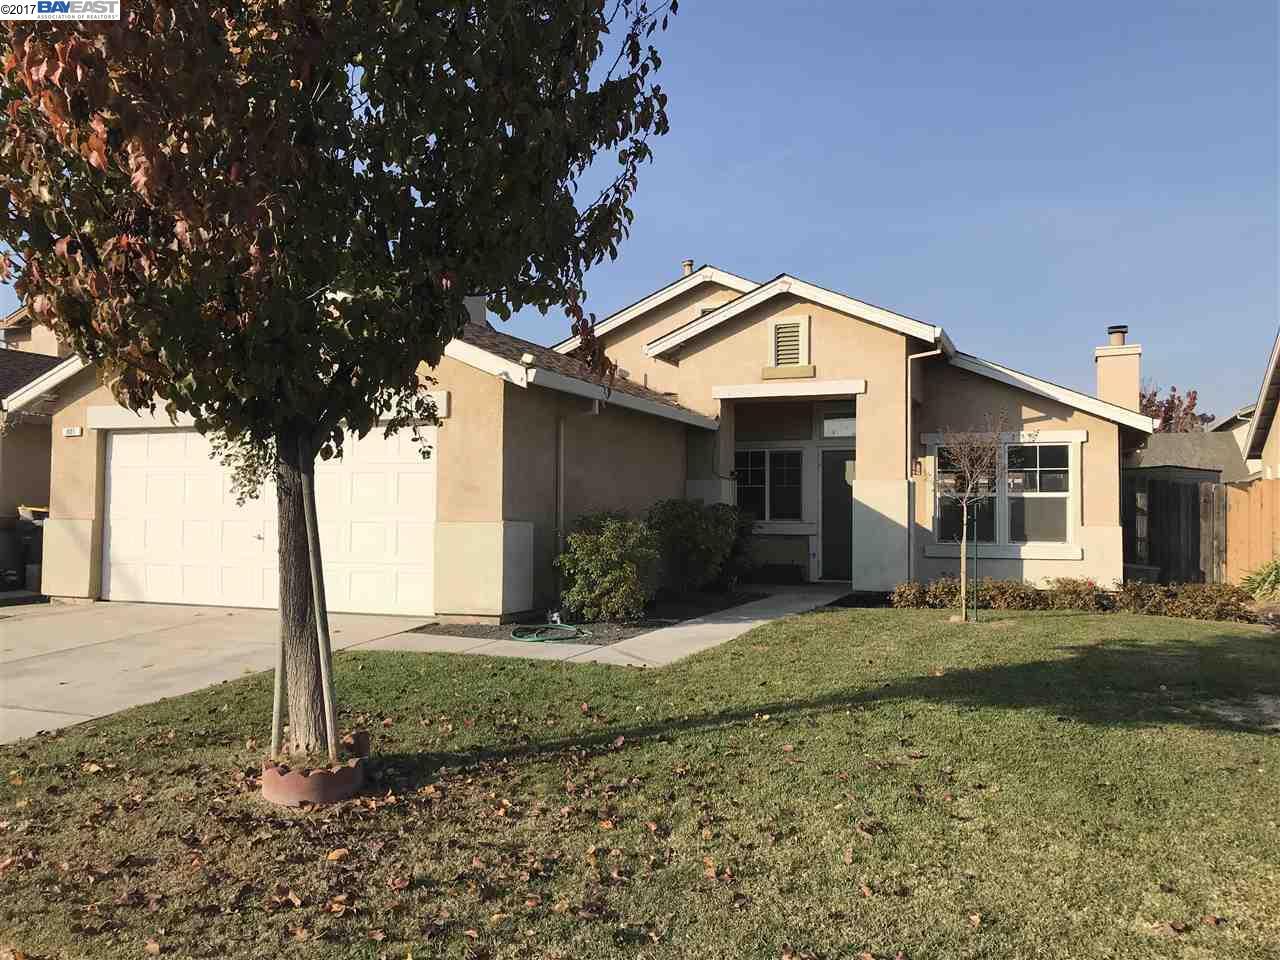 一戸建て のために 売買 アット 801 Granite Avenue 801 Granite Avenue Lathrop, カリフォルニア 95330 アメリカ合衆国